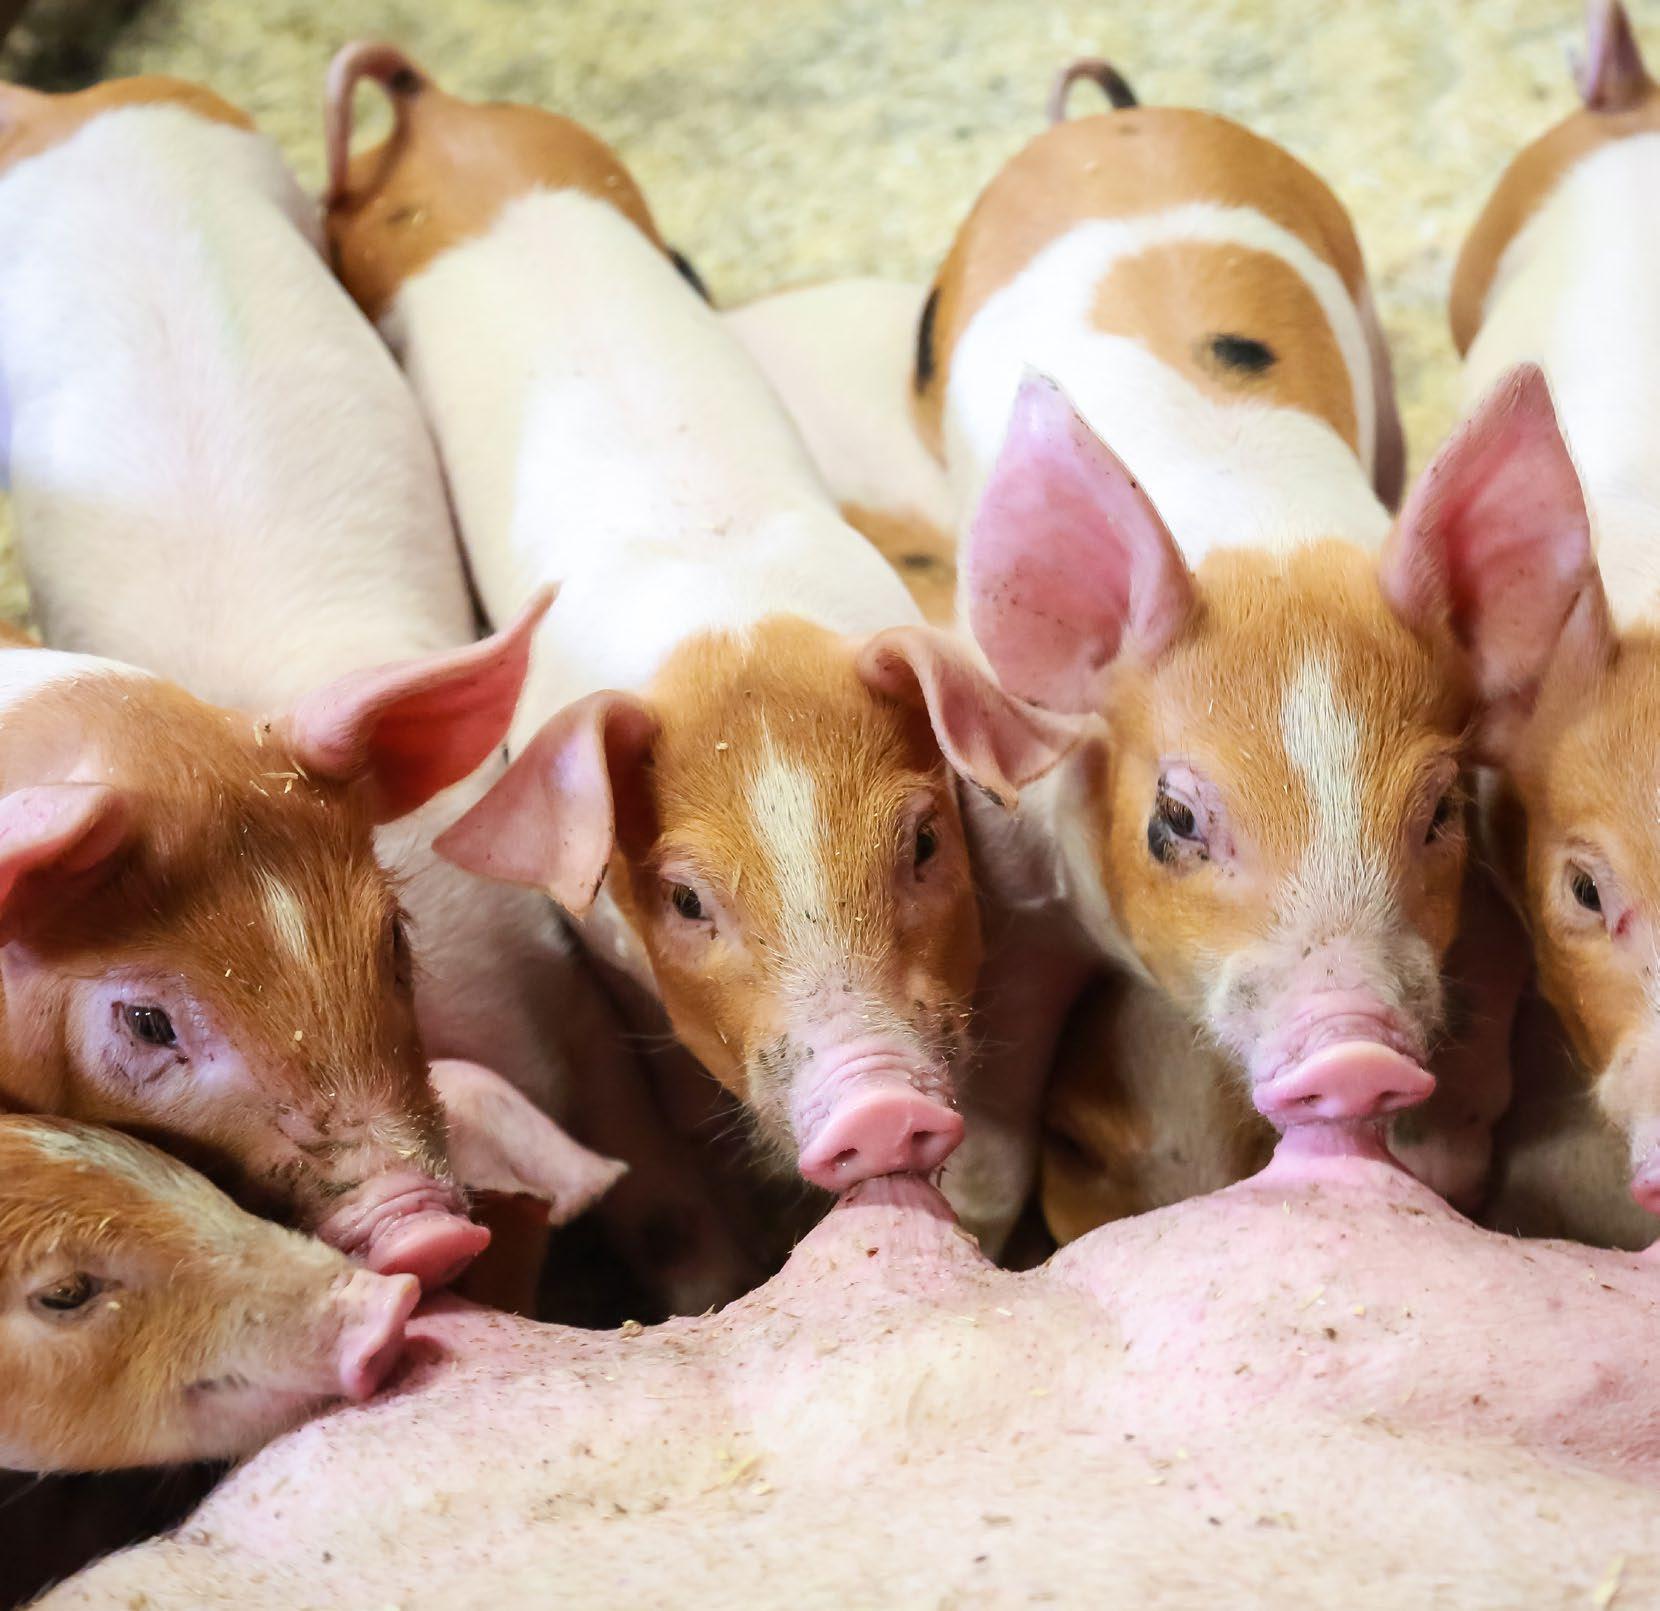 Page 36 of Utvikler morgensdagens svinefôr tidligere har sett, sier administrerende direktør i Felleskjøpet Fôrutvikling (FKF) som i slutten av januar avsluttet fôrforsøket på gris i samarbeid med Topigs Norsvin i forsøkshuset i Klepp i Rogaland